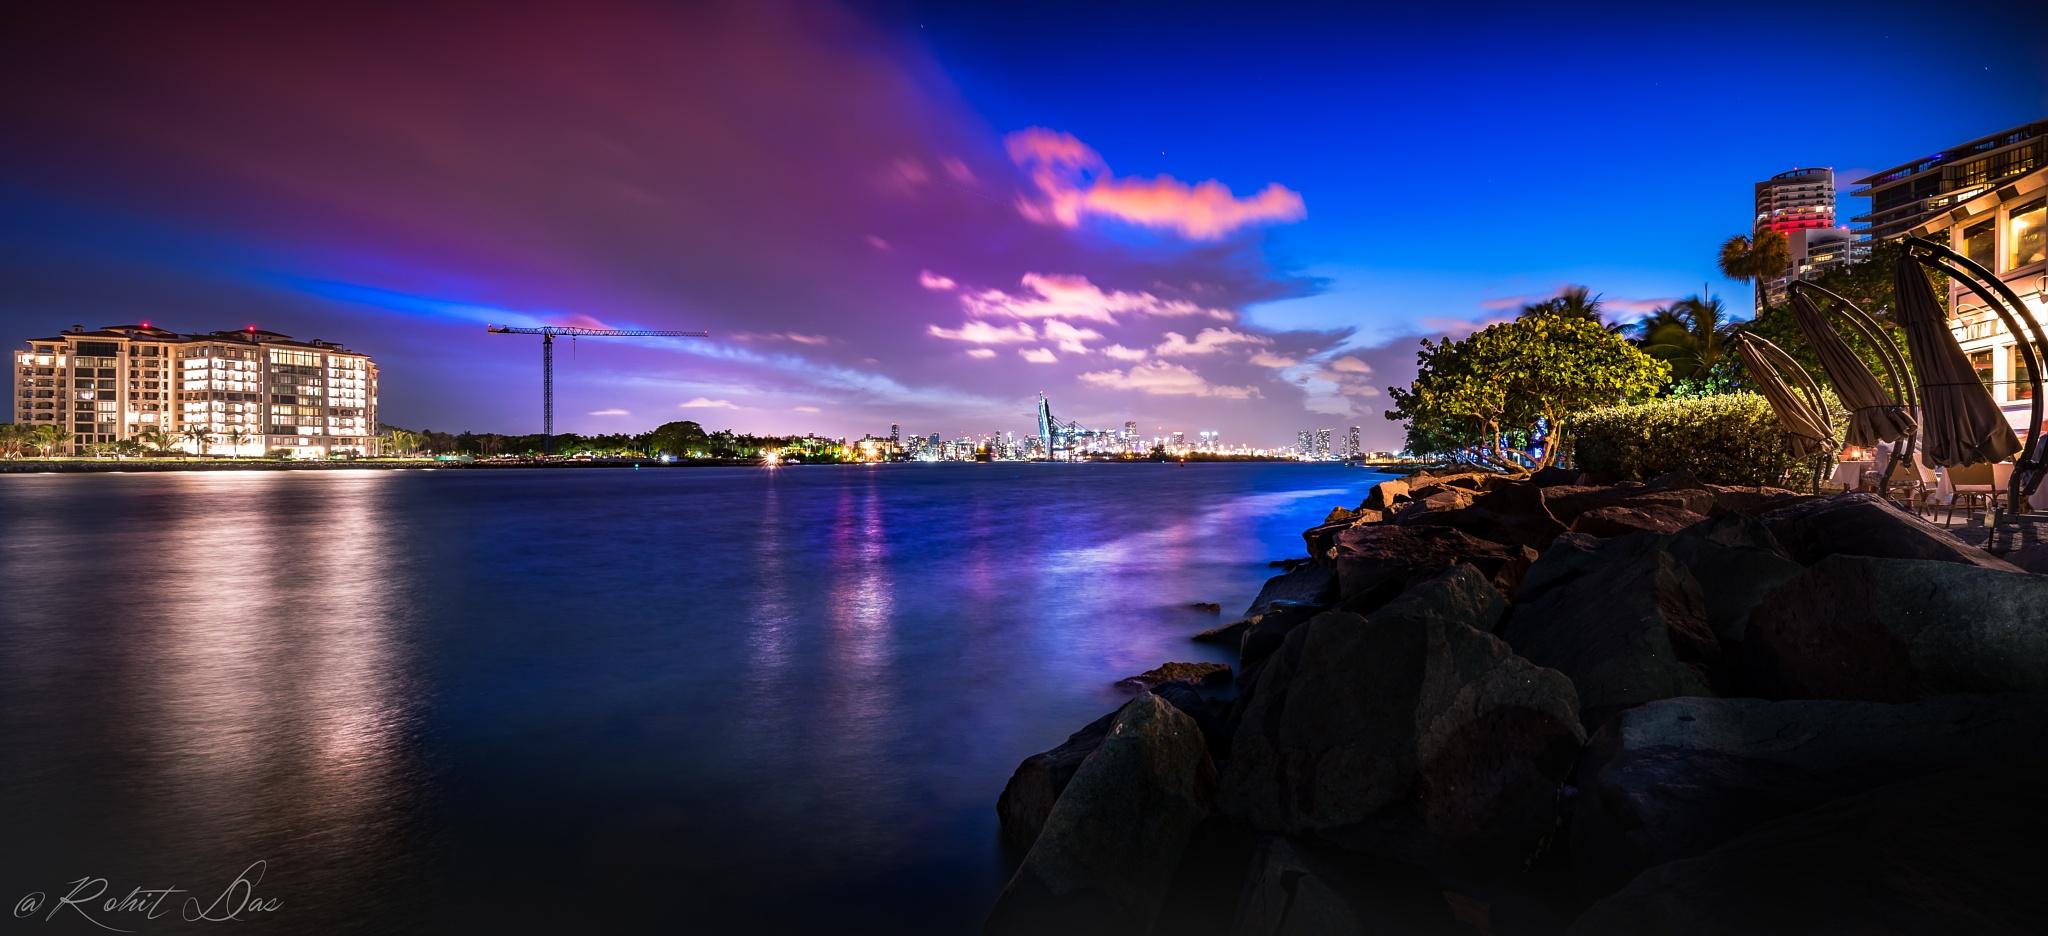 Miami Beach by Rohit Das